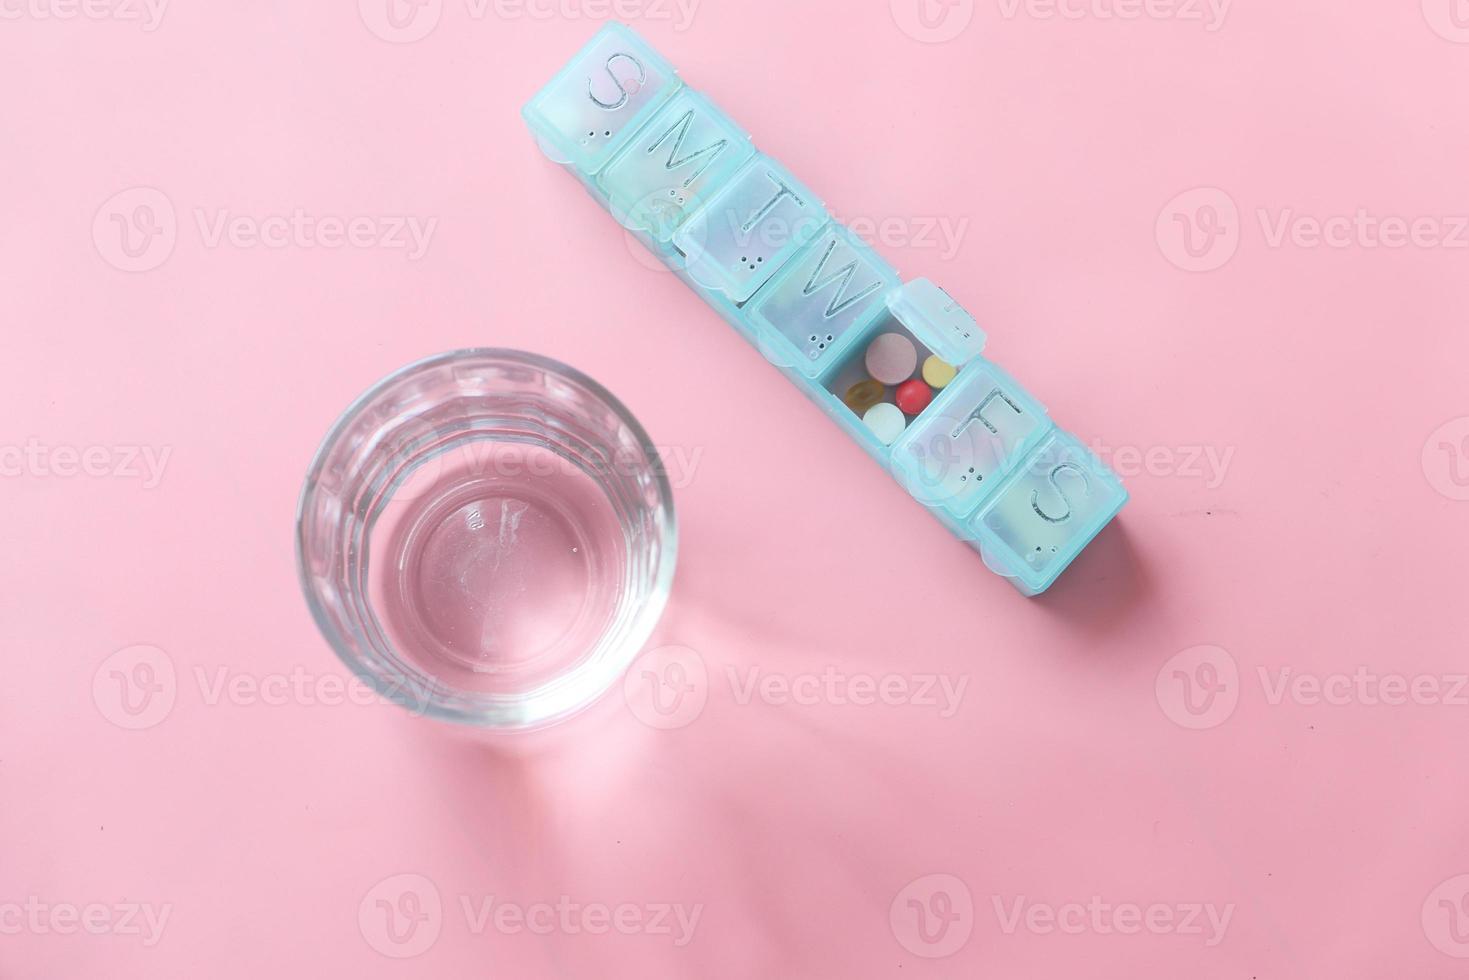 pillendoosje op roze achtergrond foto